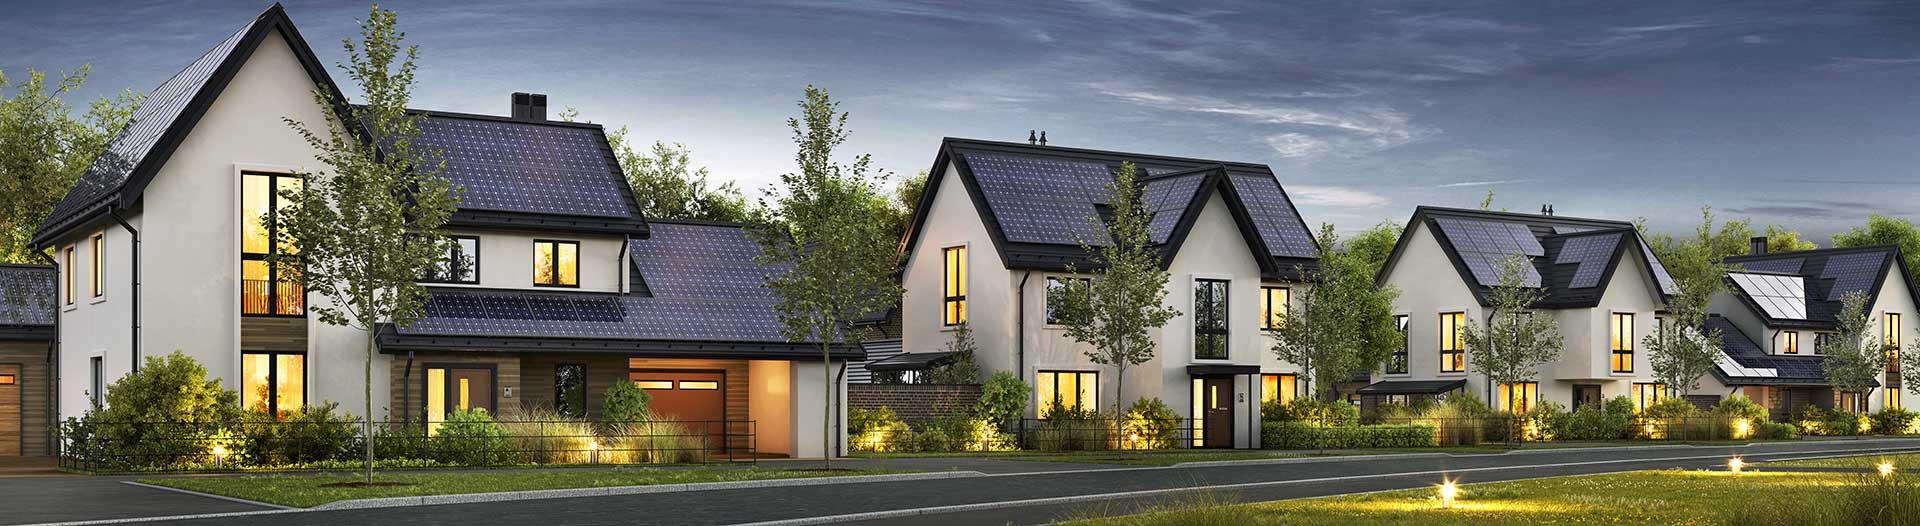 Solaranlage für Null Euro!